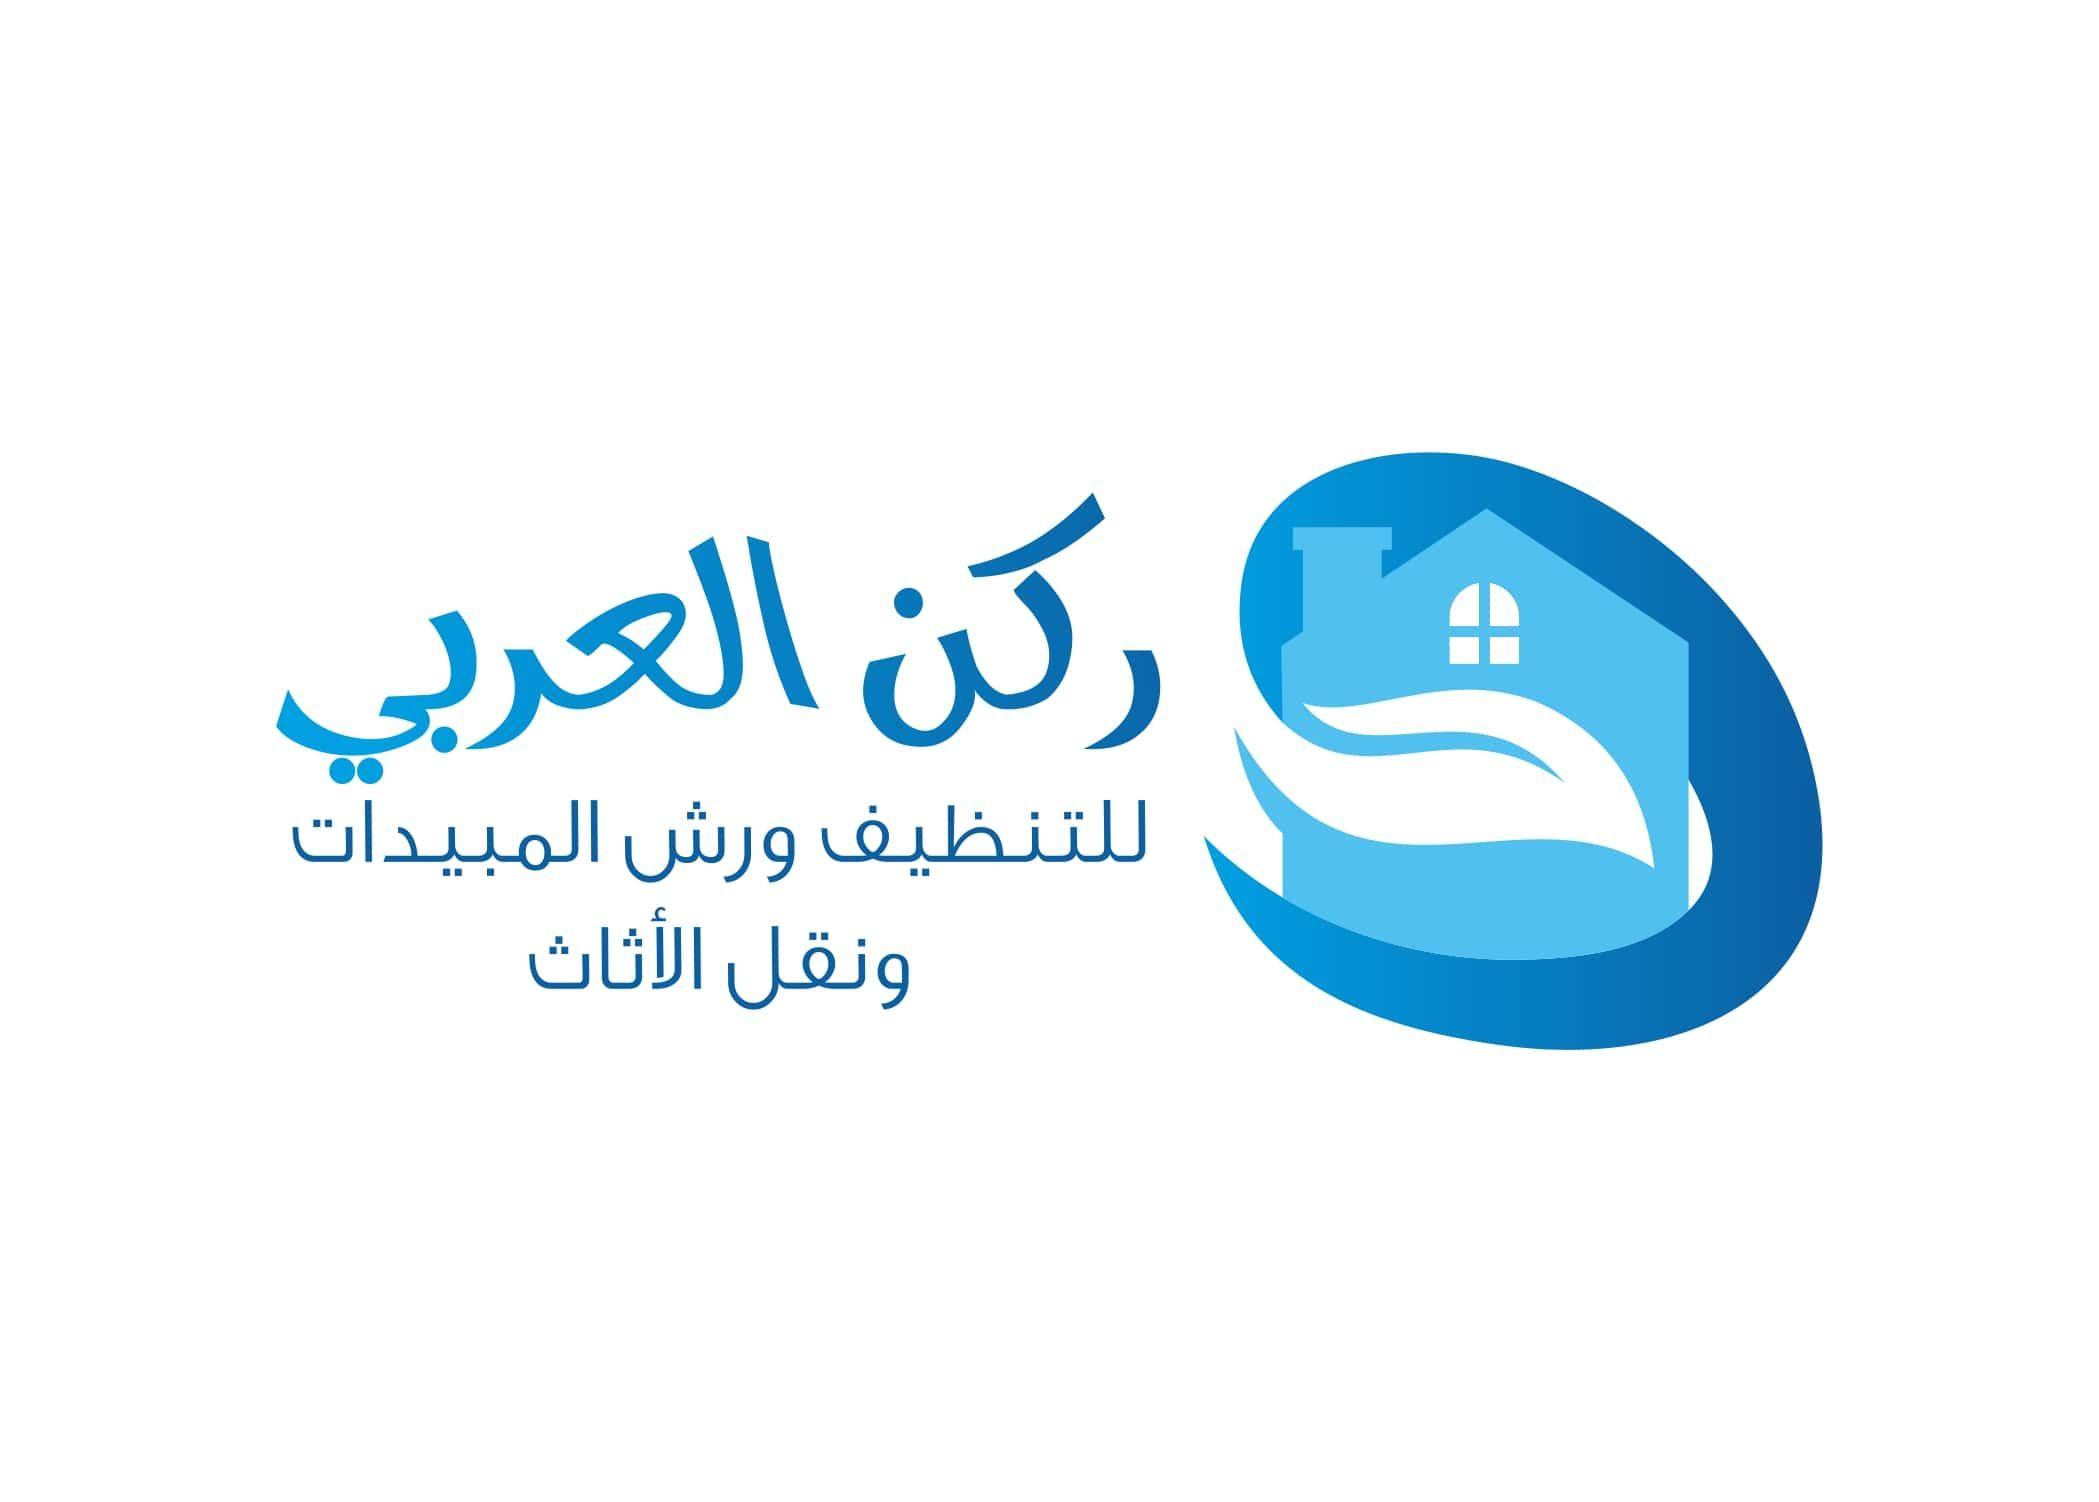 افضل شركة نقل عفش جنوب الرياض 920008956 مفتاح الخيرات How To Clean Carpet Clean House How To Clean Furniture